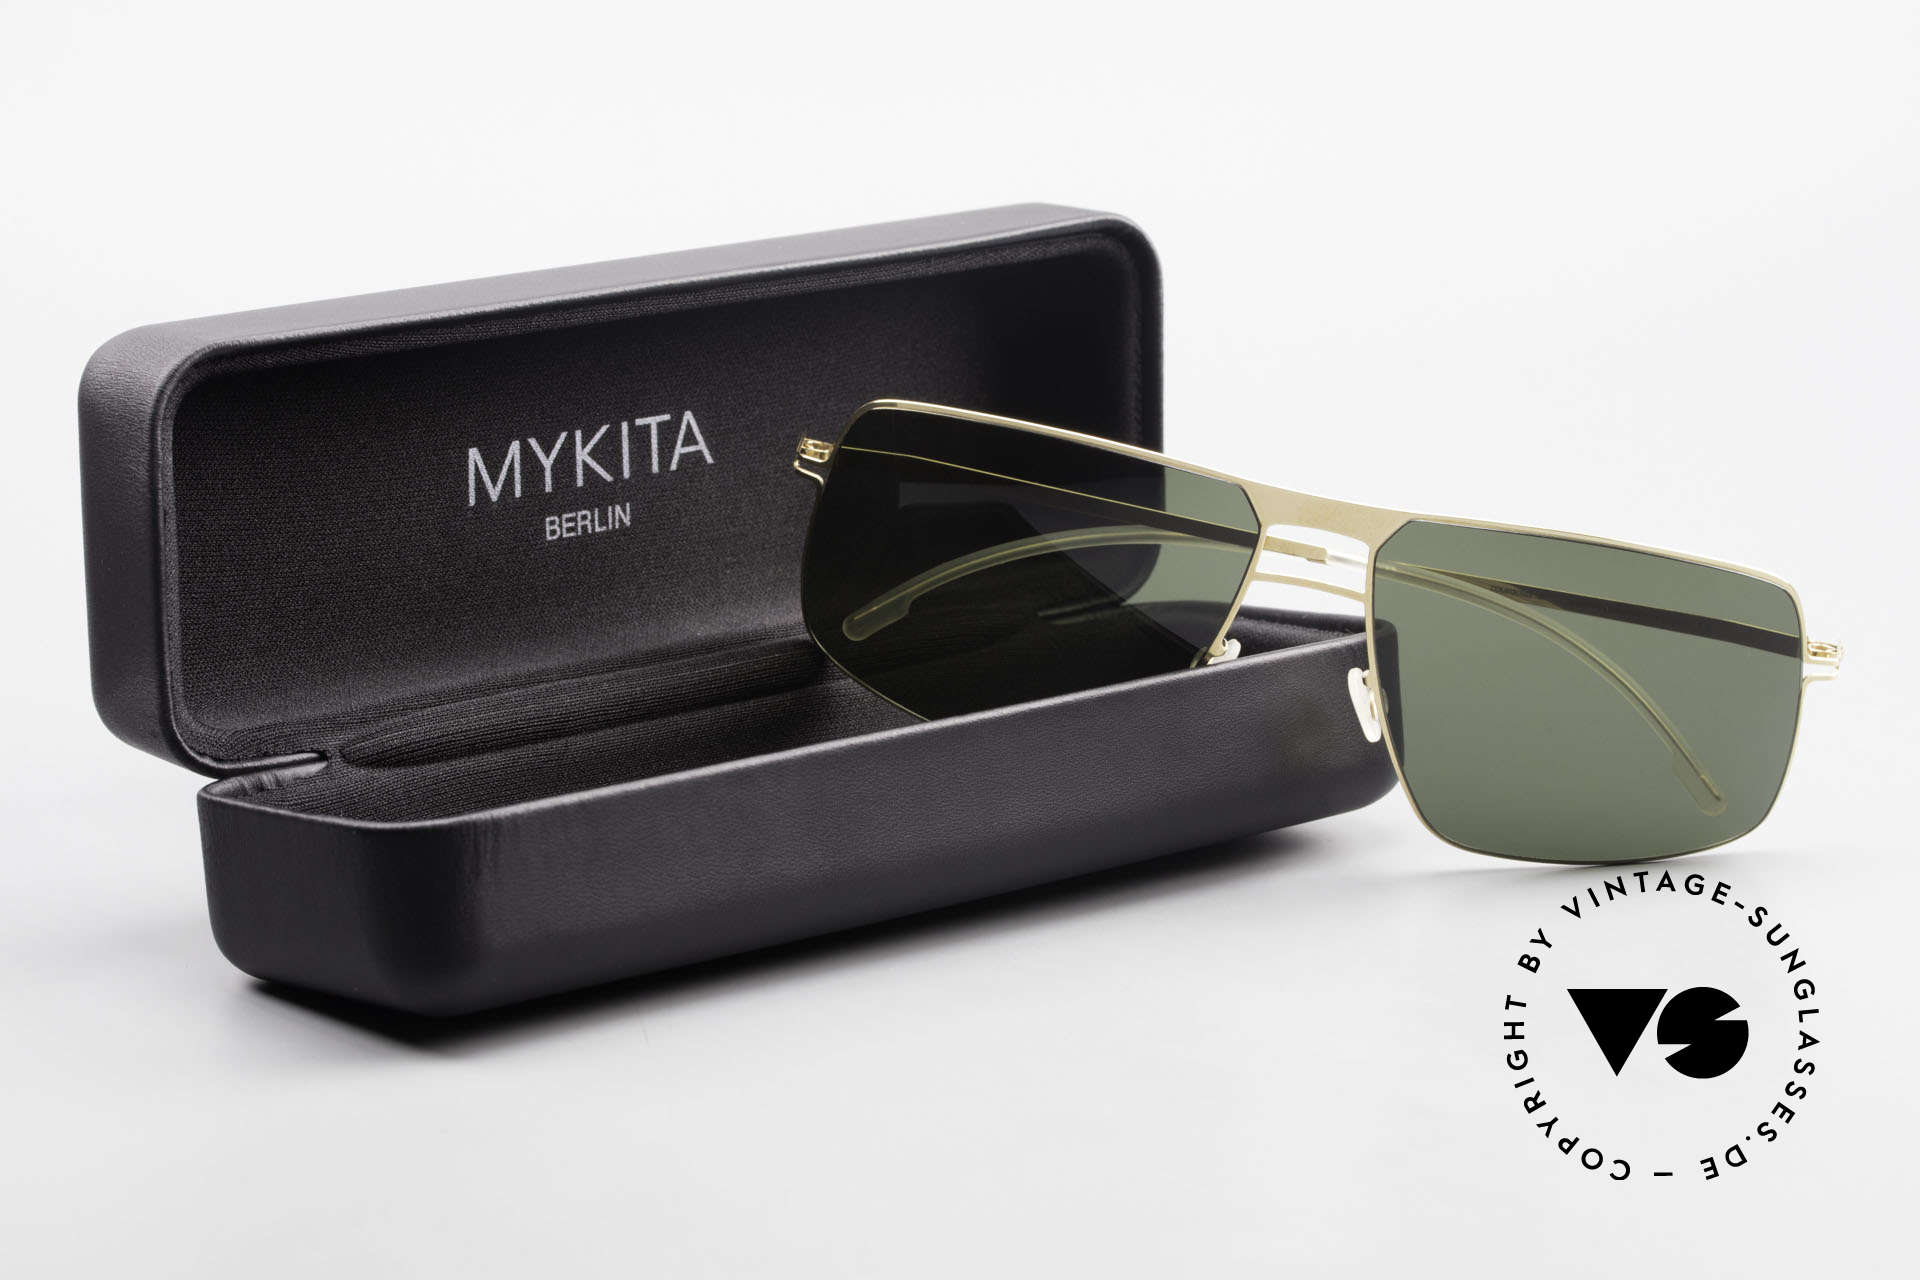 Mykita Leif Designer Shades Zeiss Lenses, Size: large, Made for Men